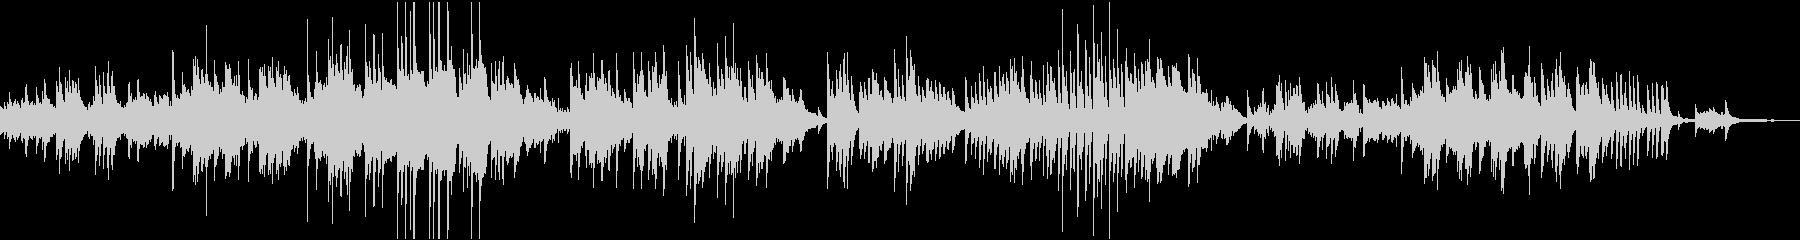 ドビュッシーのレヴリ ピアノソロの未再生の波形